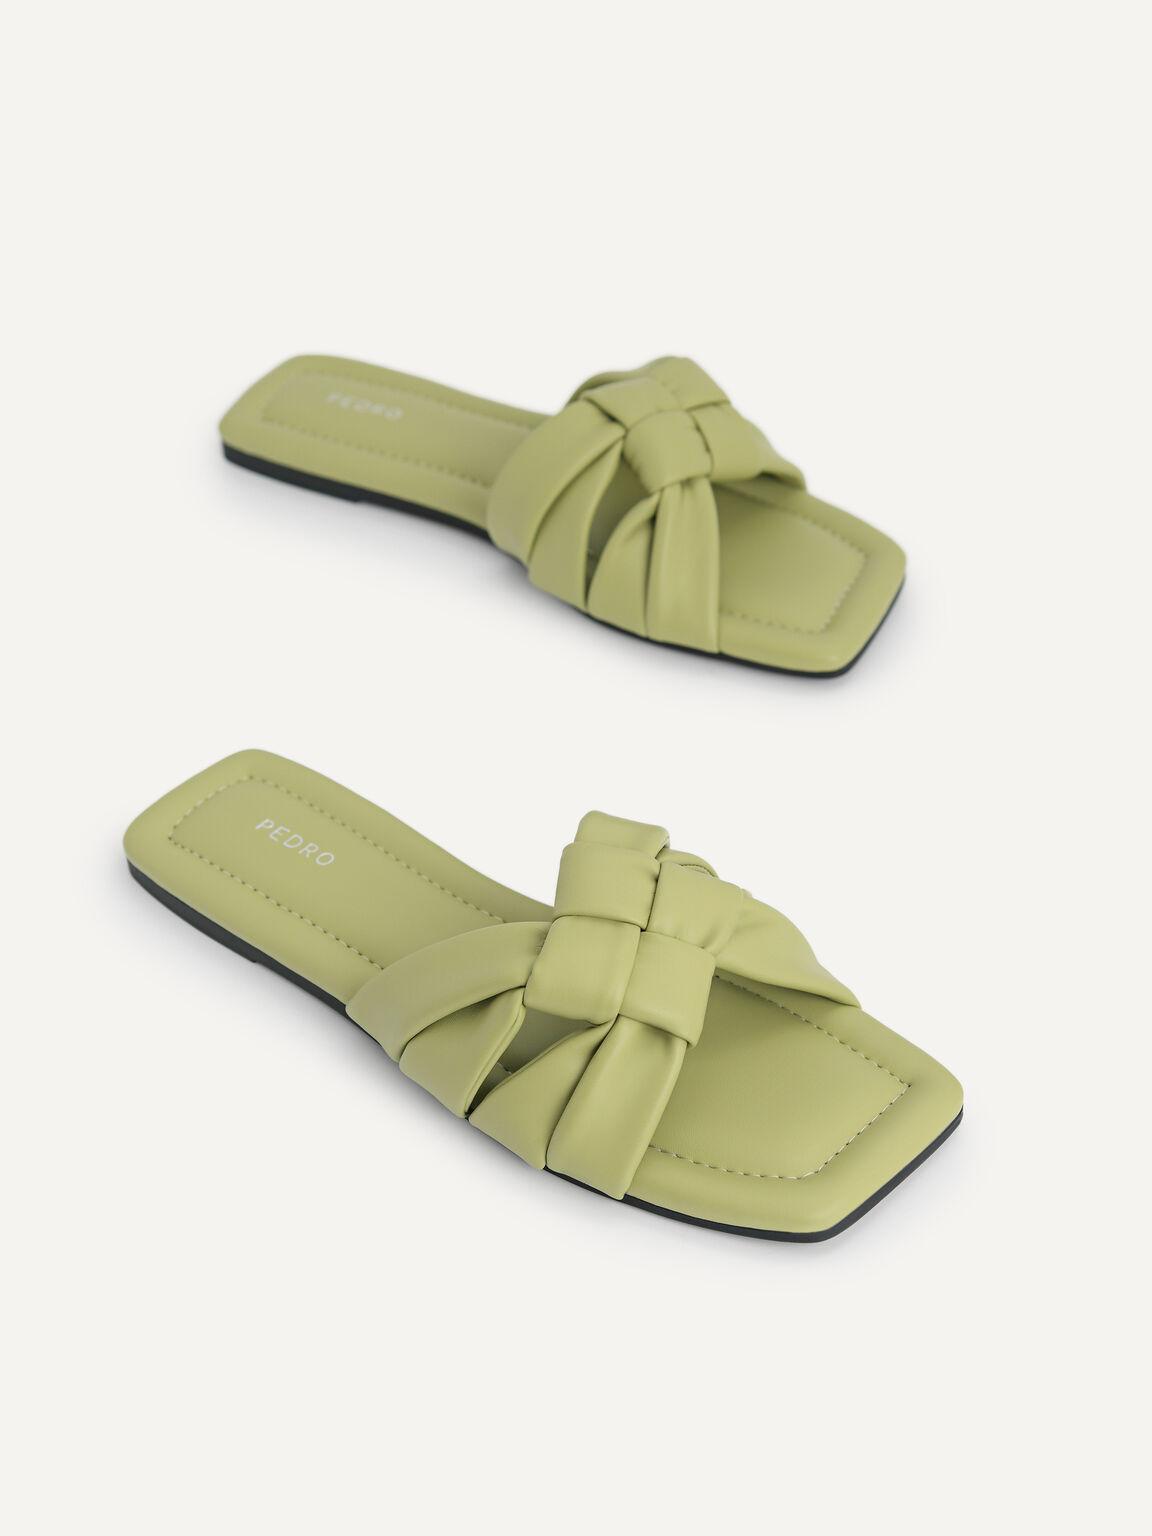 Knotted Straps Slip-On Sandals, Olive, hi-res